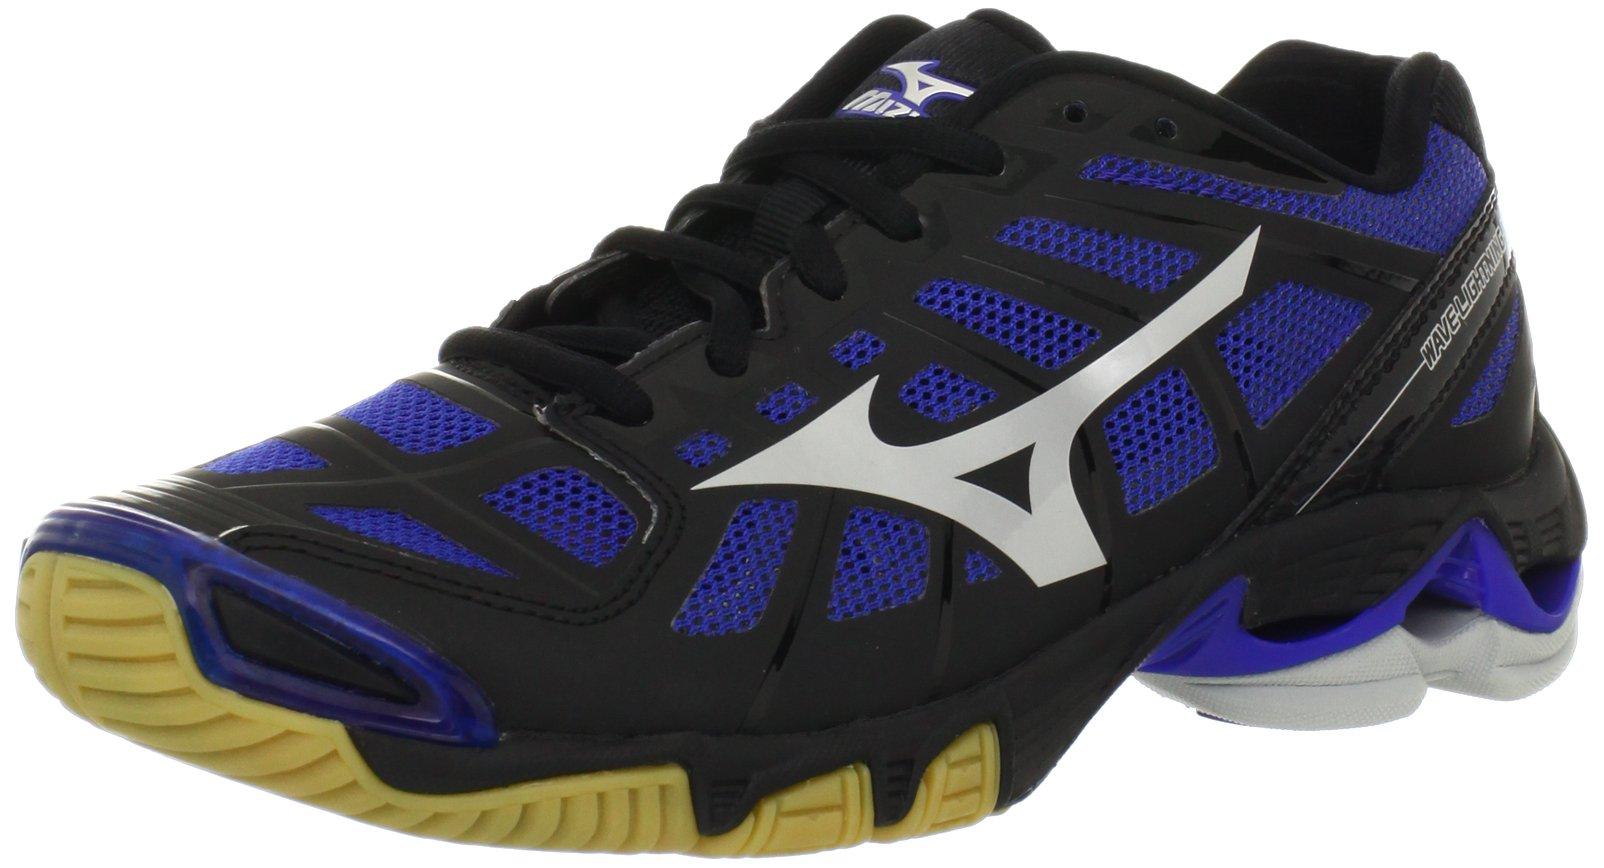 mizuno volleyball shoes price in dubai united states